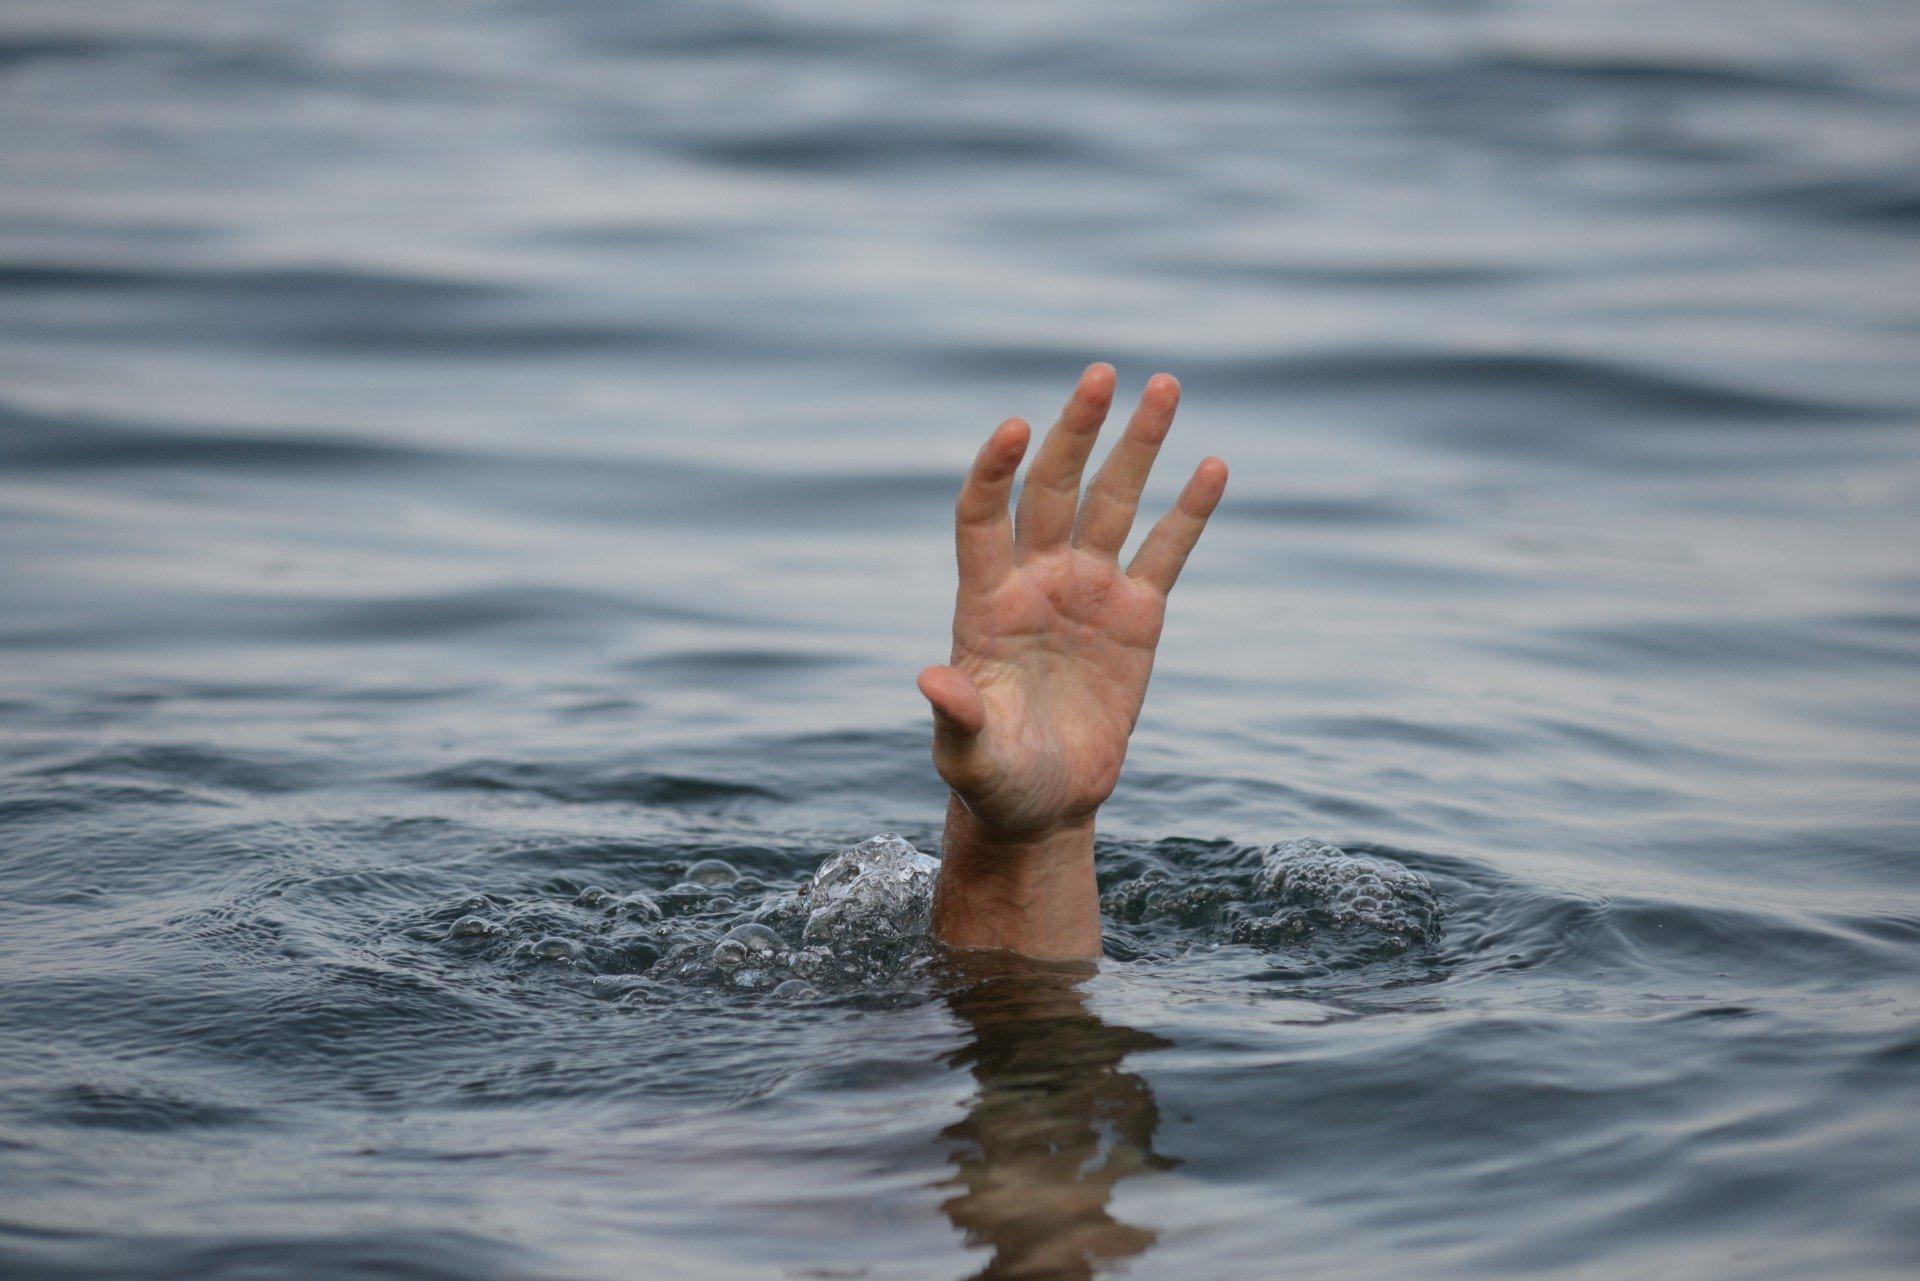 эти картинки где человек в воде этого момента